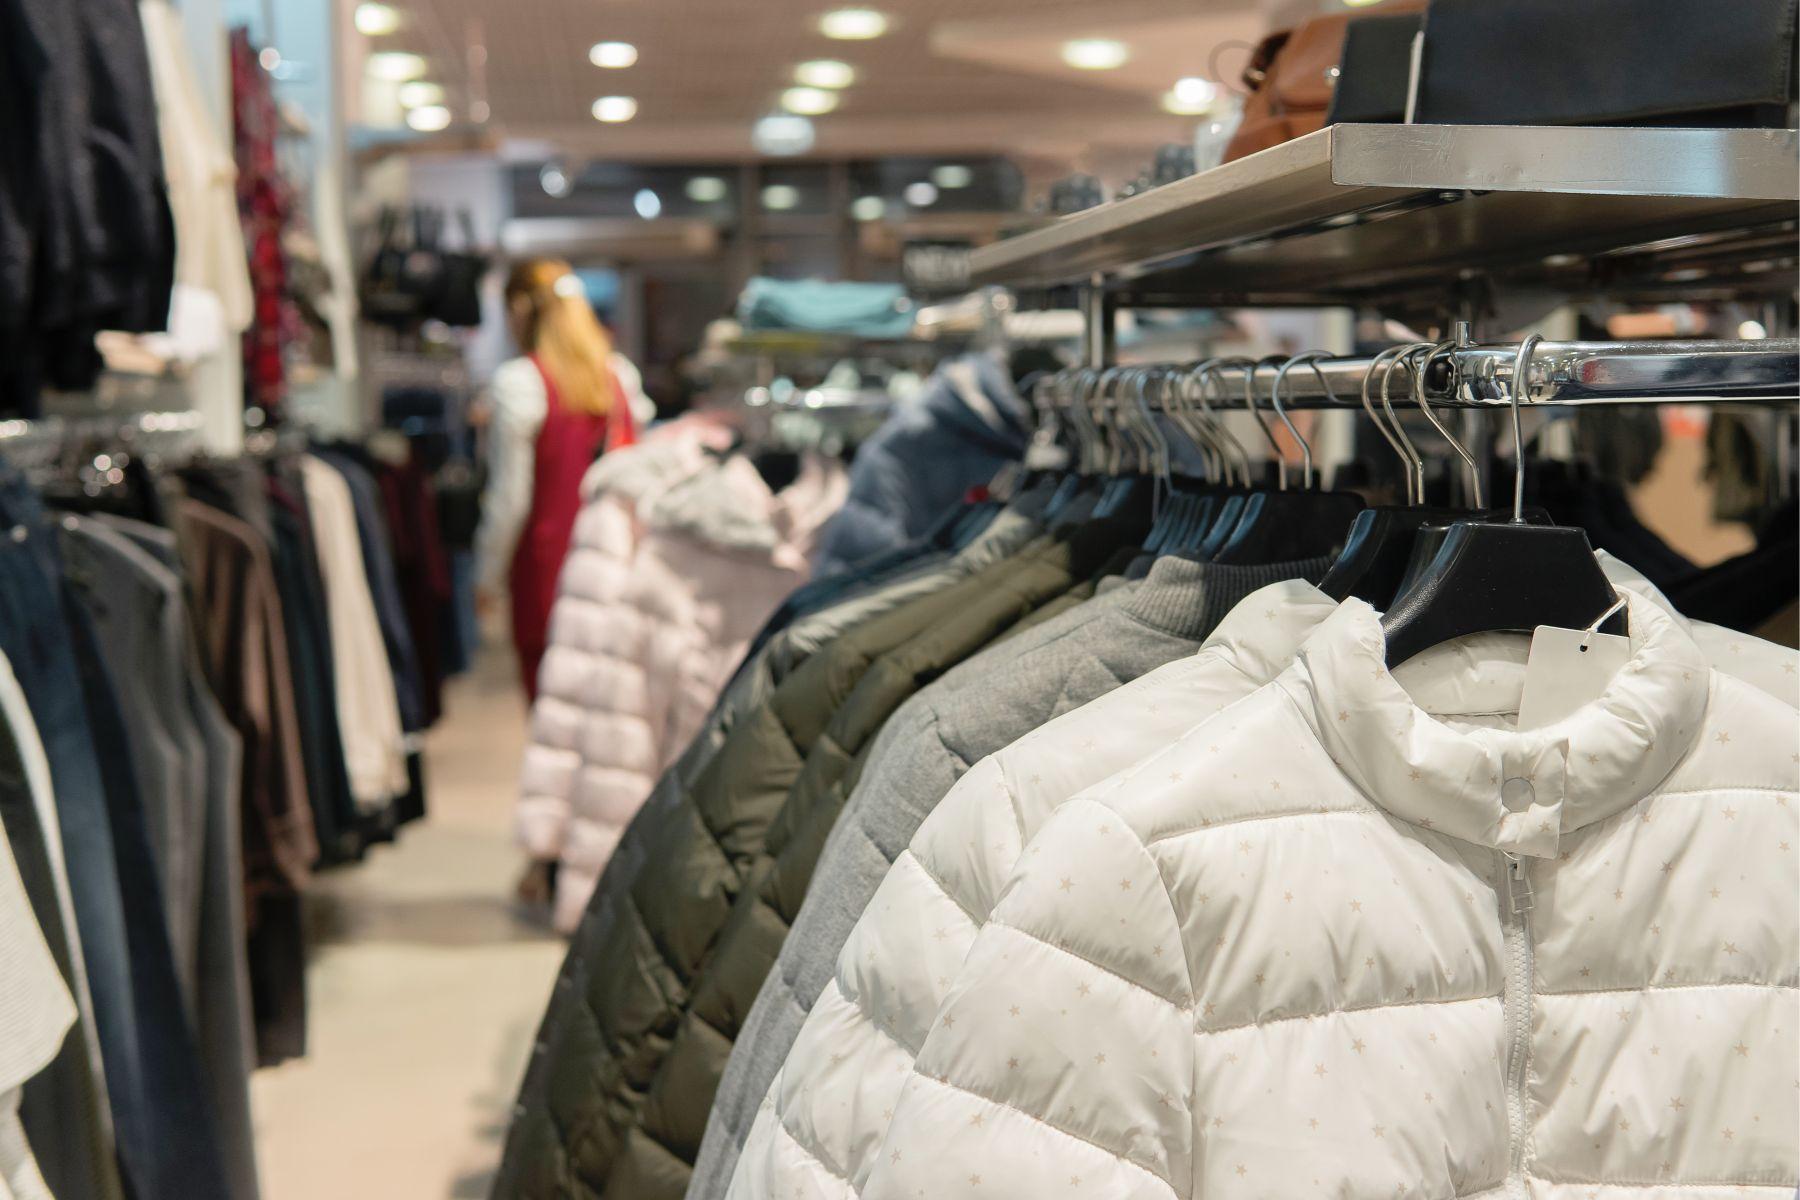 羽絨衣穿搭》羽絨外套裡面穿什麼最暖?如何挑選保暖羽絨衣?專家一次解答